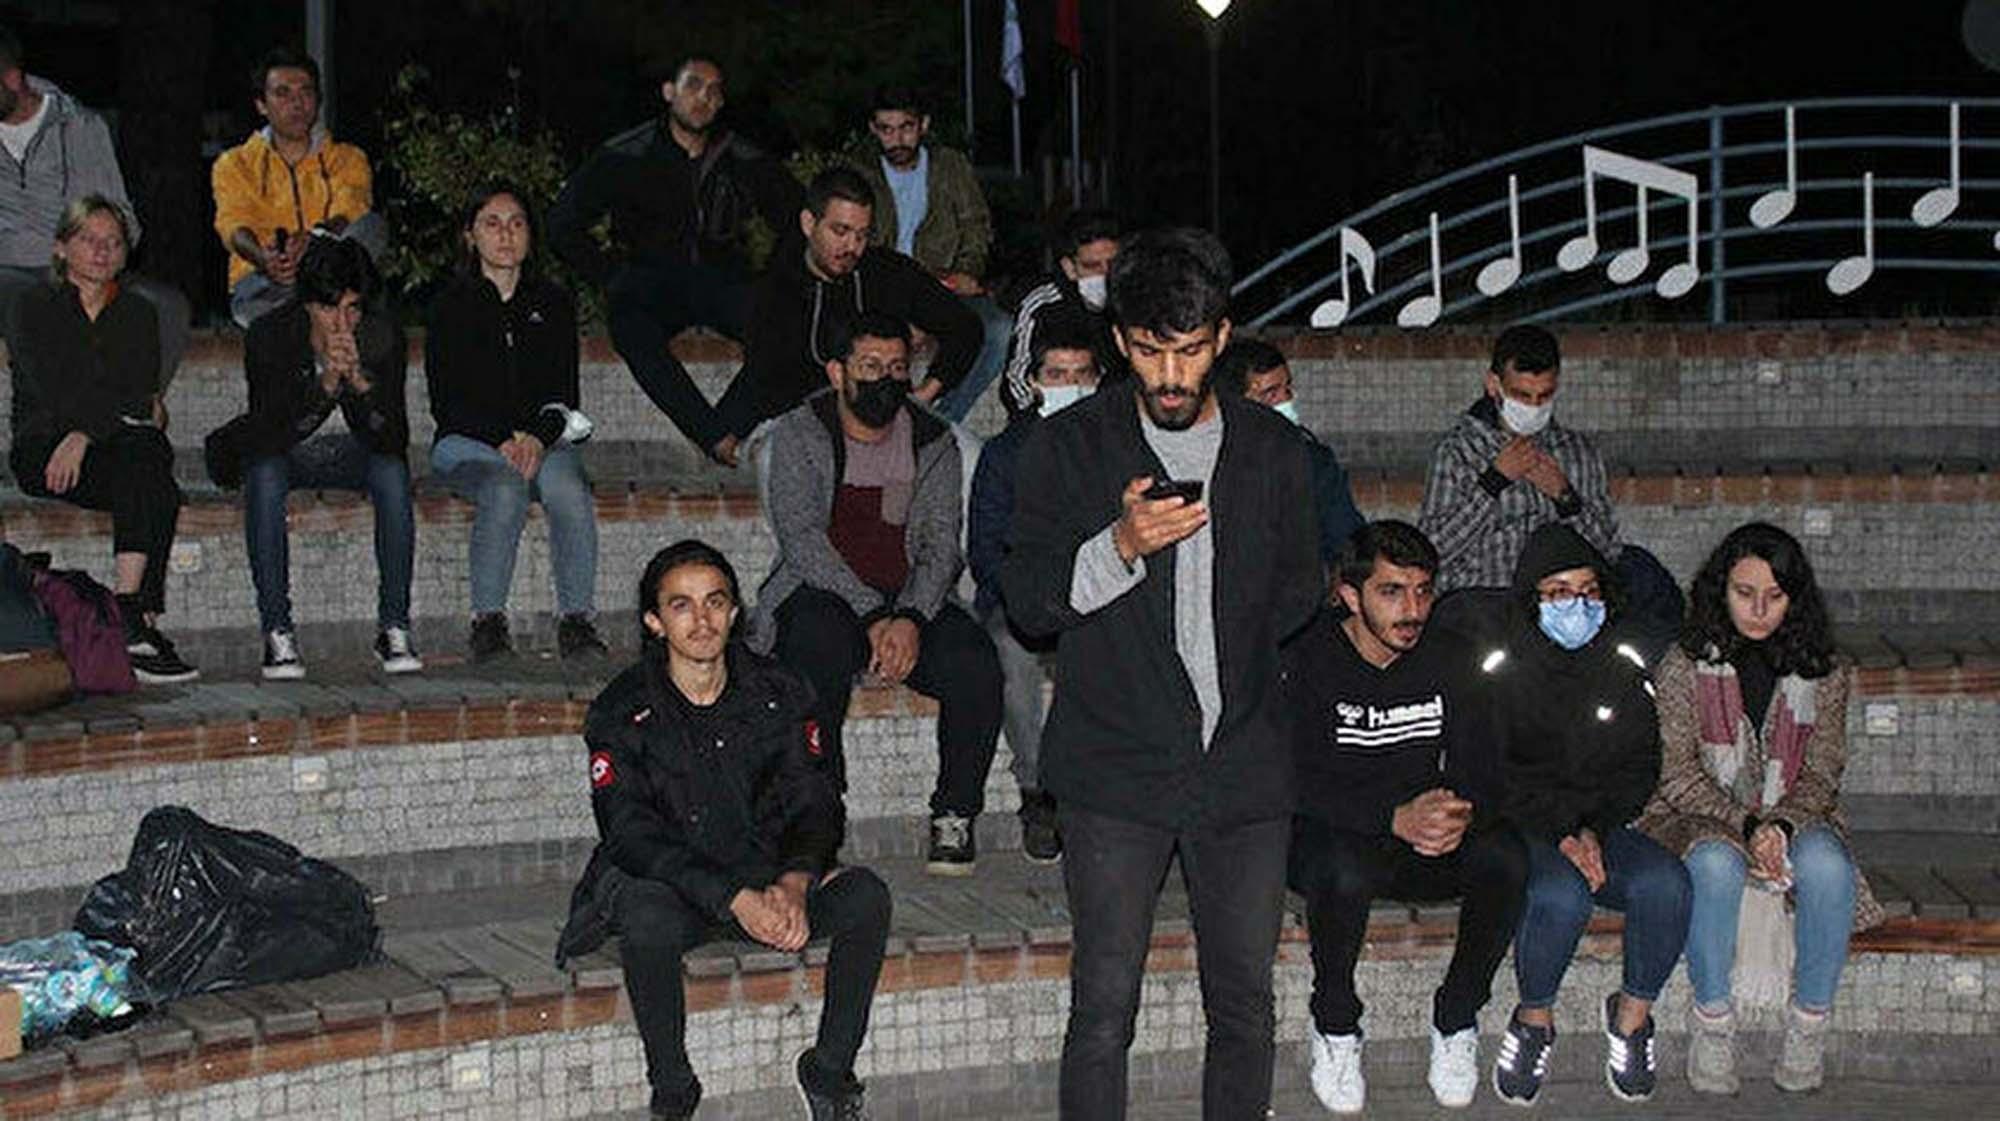 Barınamıyoruz dediler provokatör çıktılar! İçişleri Bakanlığı'ndan barınamıyoruz ve yurtsuzlar sloganları ile yapılan eylemlere ilişkin açıklama geldi!